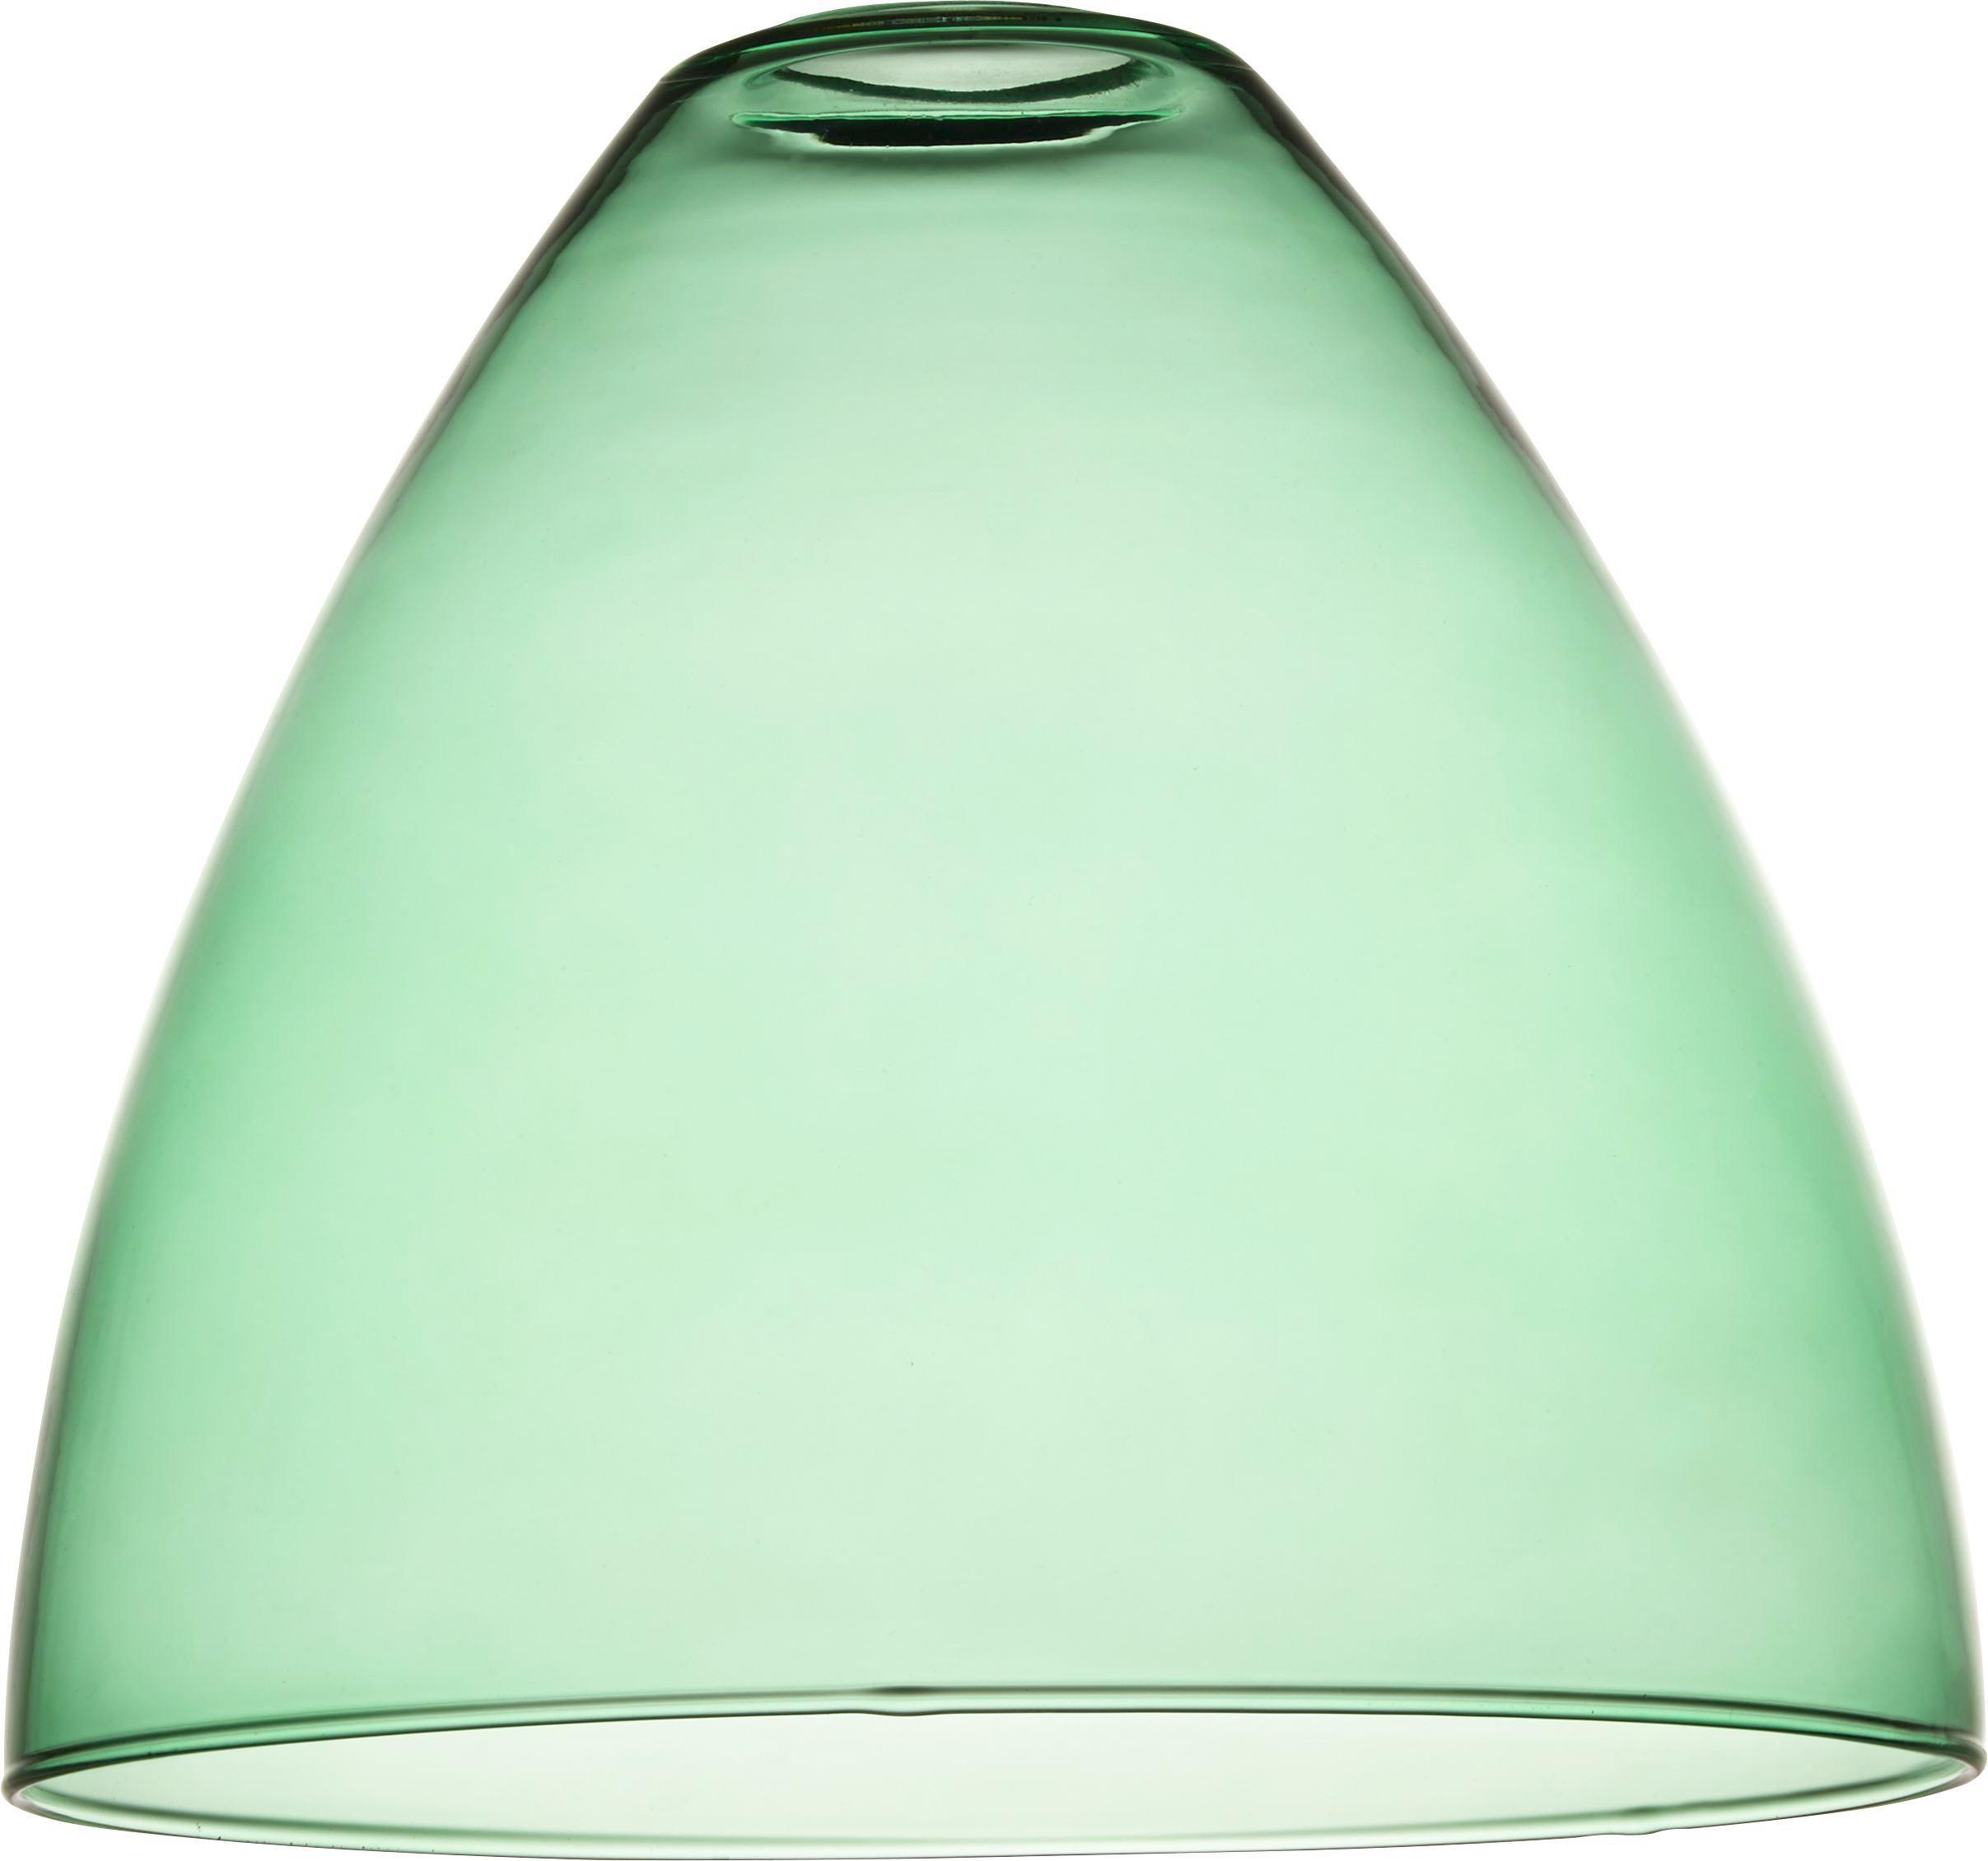 Lámpaernyő Anni - zöld, üveg (23/21cm) - MÖMAX modern living